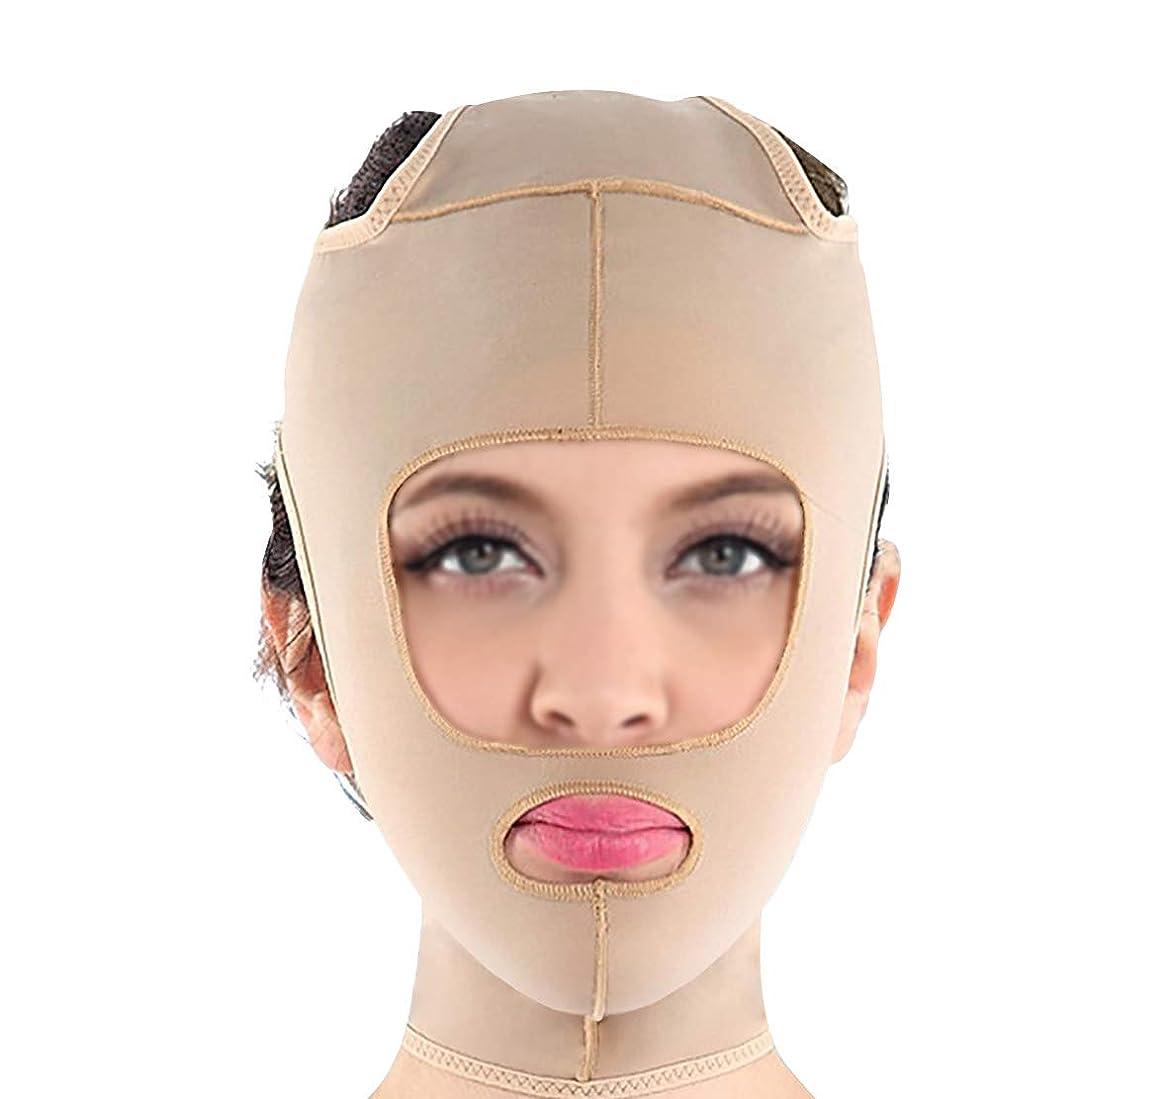 過激派どんよりしたブラインドXHLMRMJ 肌をしっかりと保ち、顔の筋肉の垂れ下がりや顔の美しい輪郭の形成を防ぐフェイスリフティングマスク (Size : L)